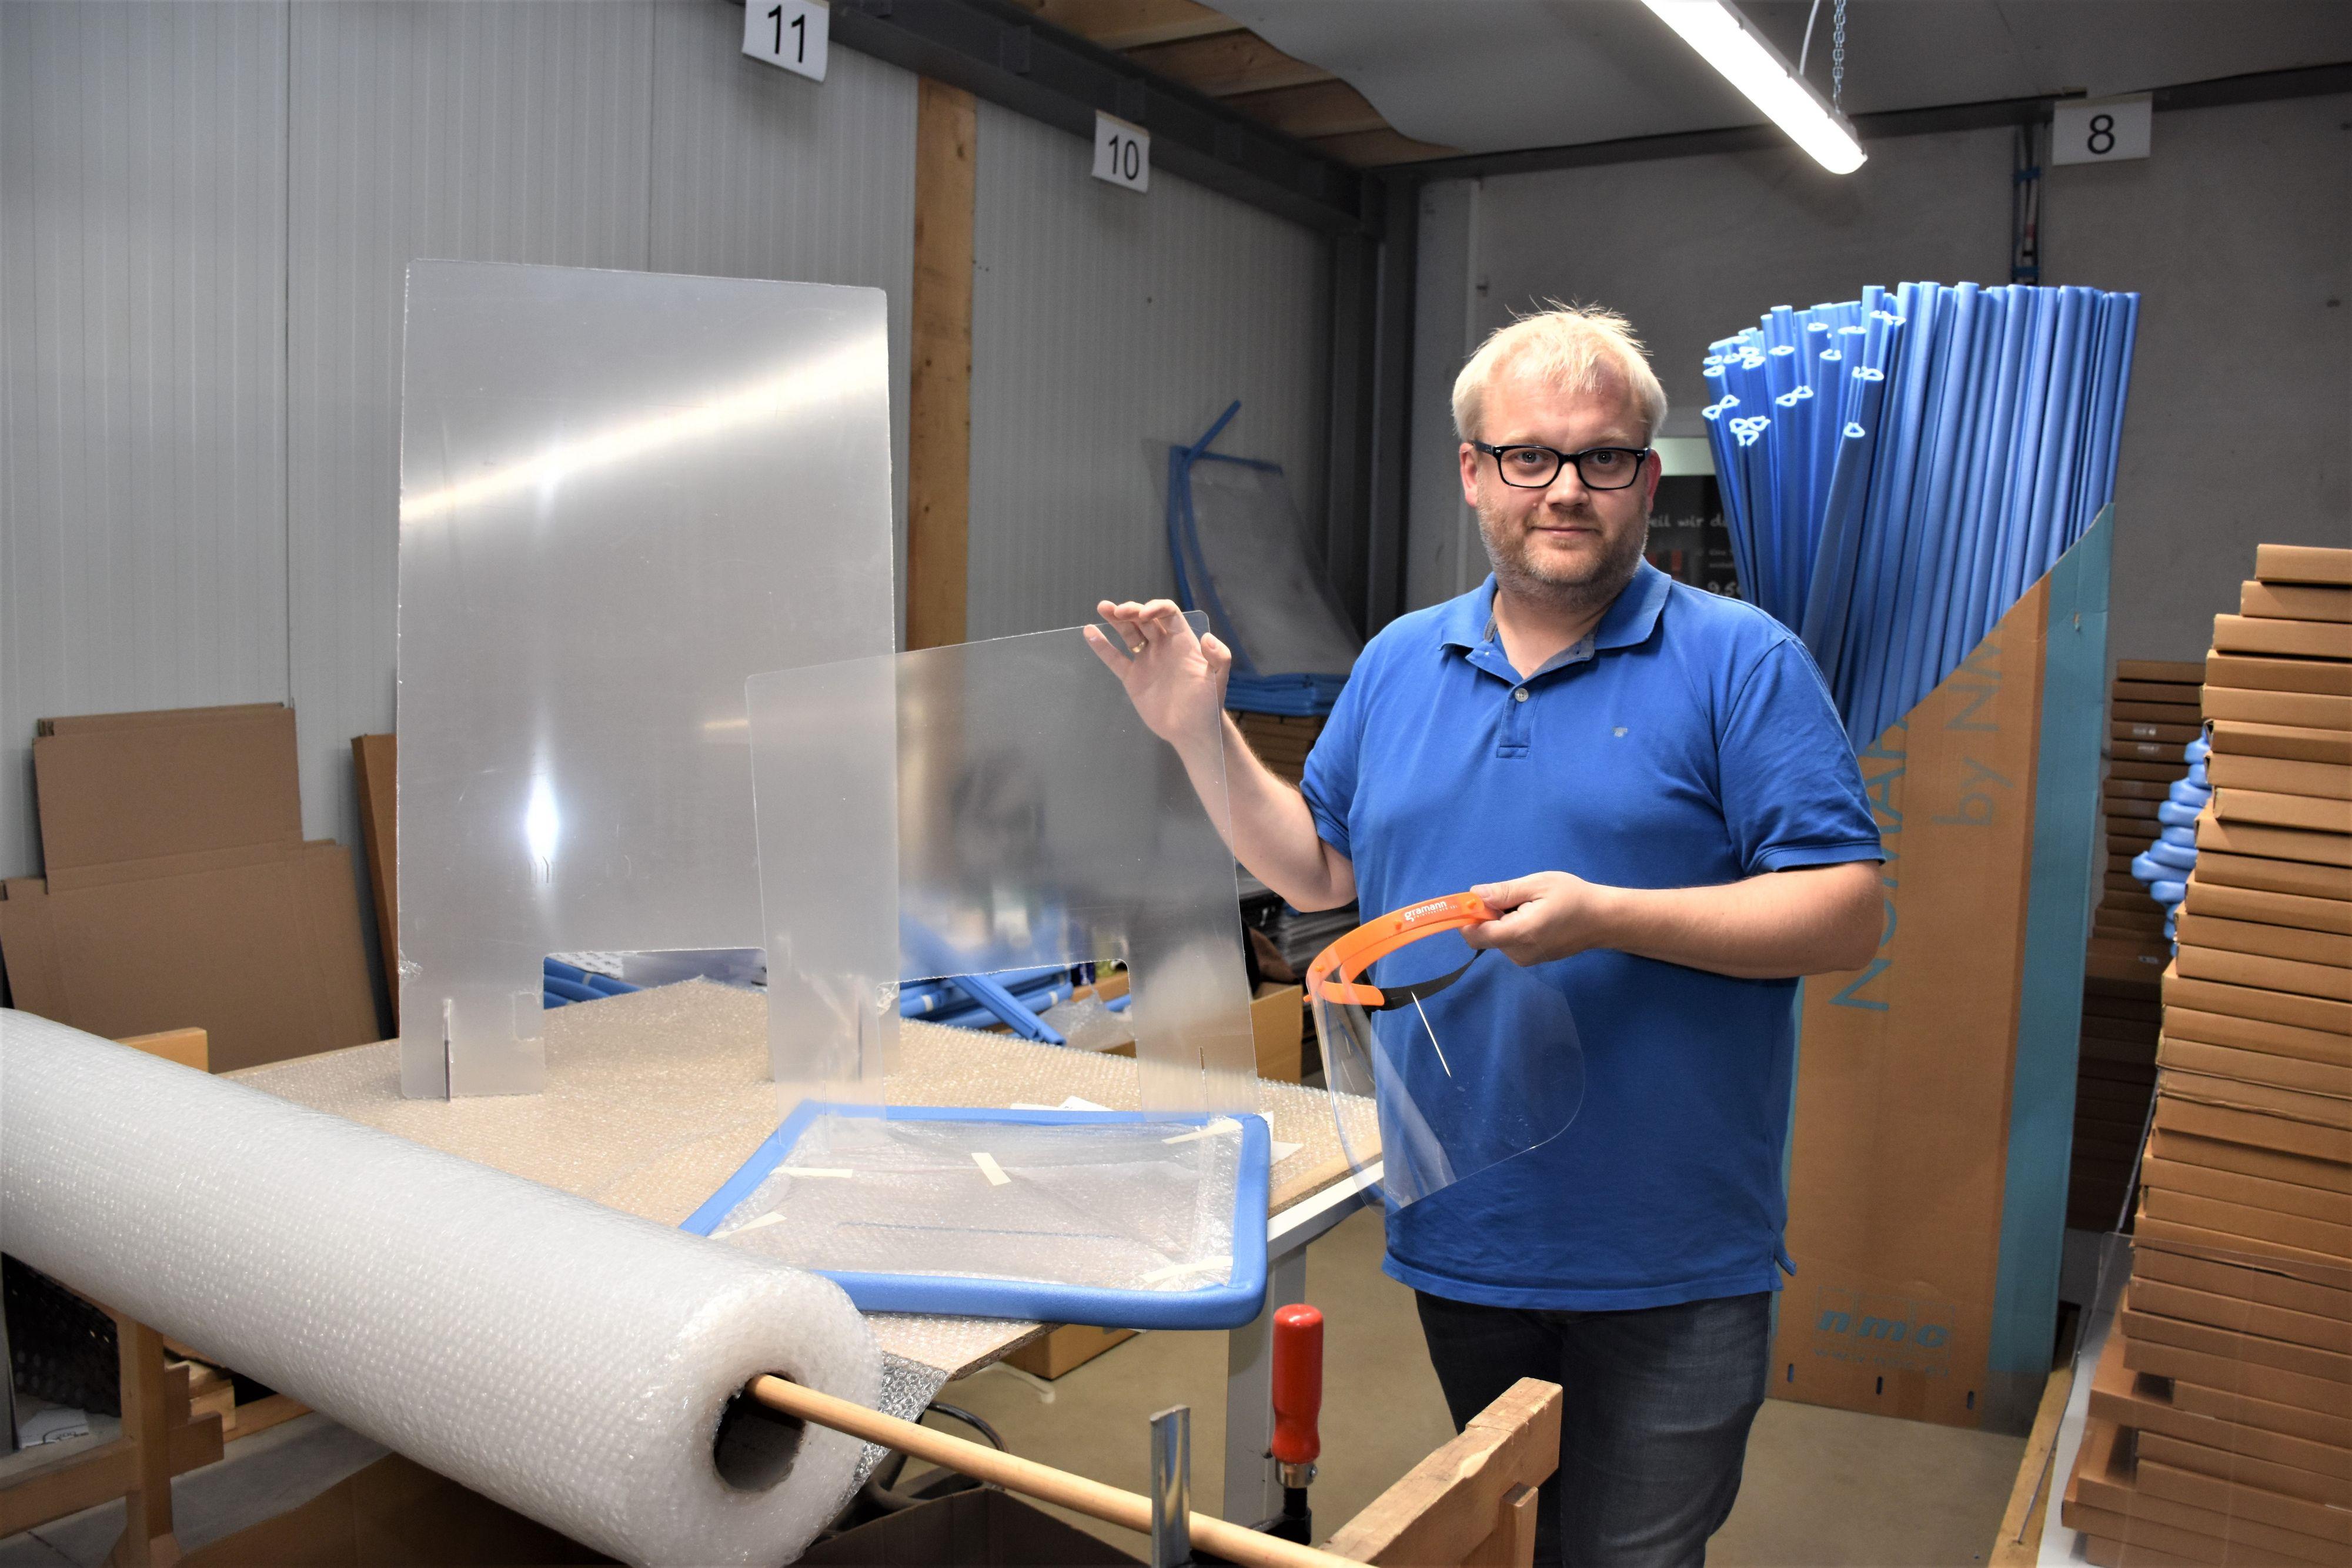 """Gramann-Vertriebschef Jan-Bernd Rolfes mit den """"Krisenprodukten"""" der Digitaldruckerei: Spuckschutzwand und Schutzvisier. Foto: Kühn"""